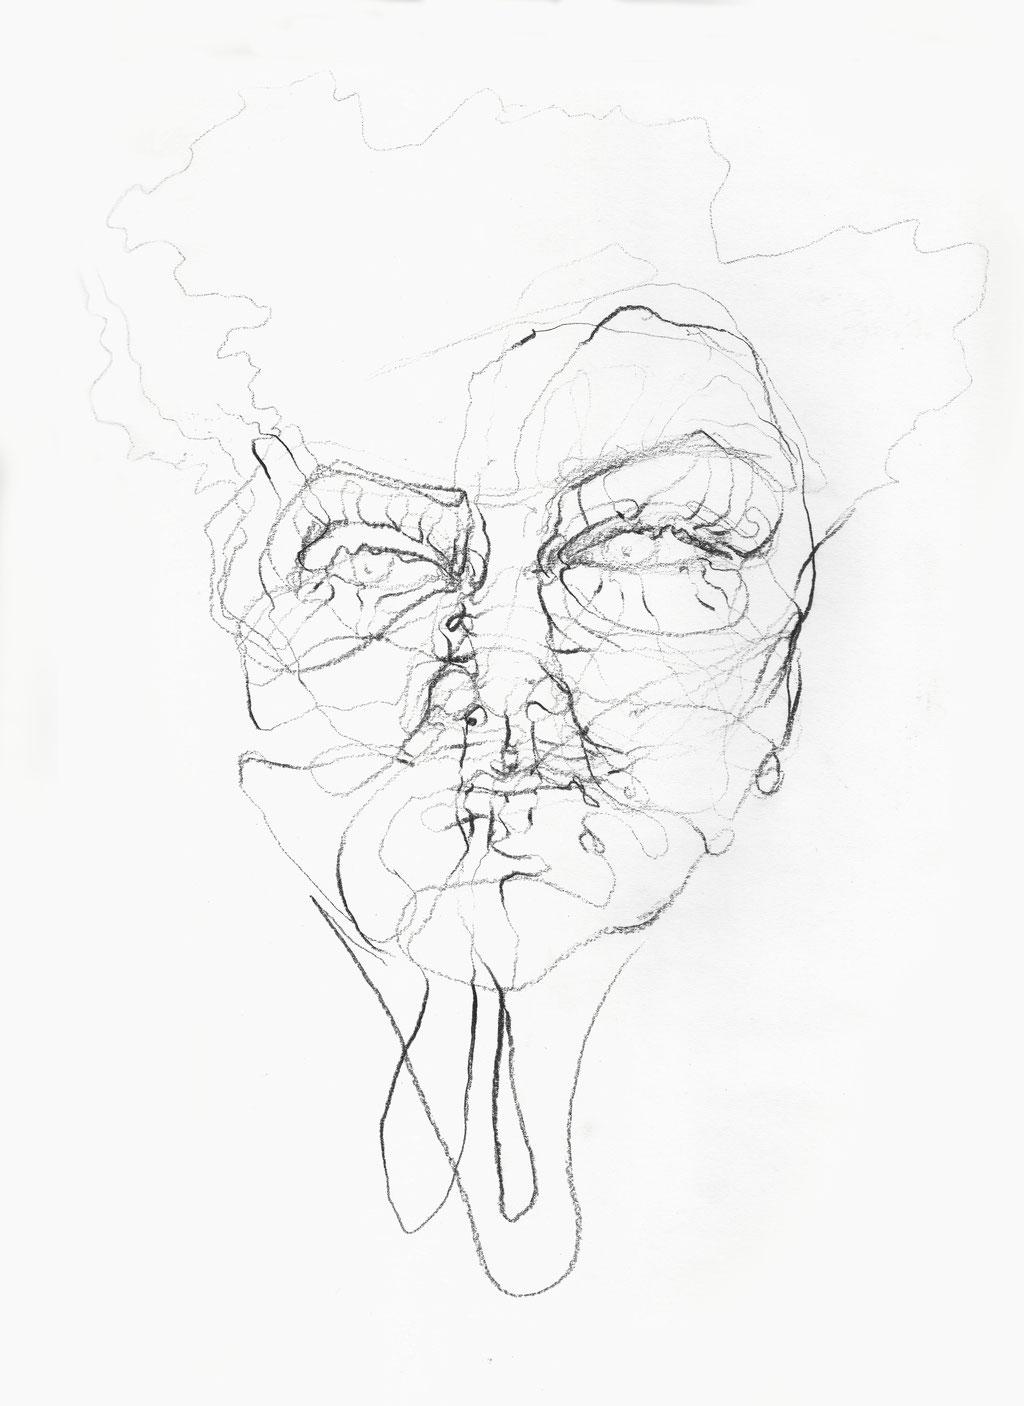 Astrid - Tastsinn, Bleistift auf Papier, 2014, Damaris Rohner